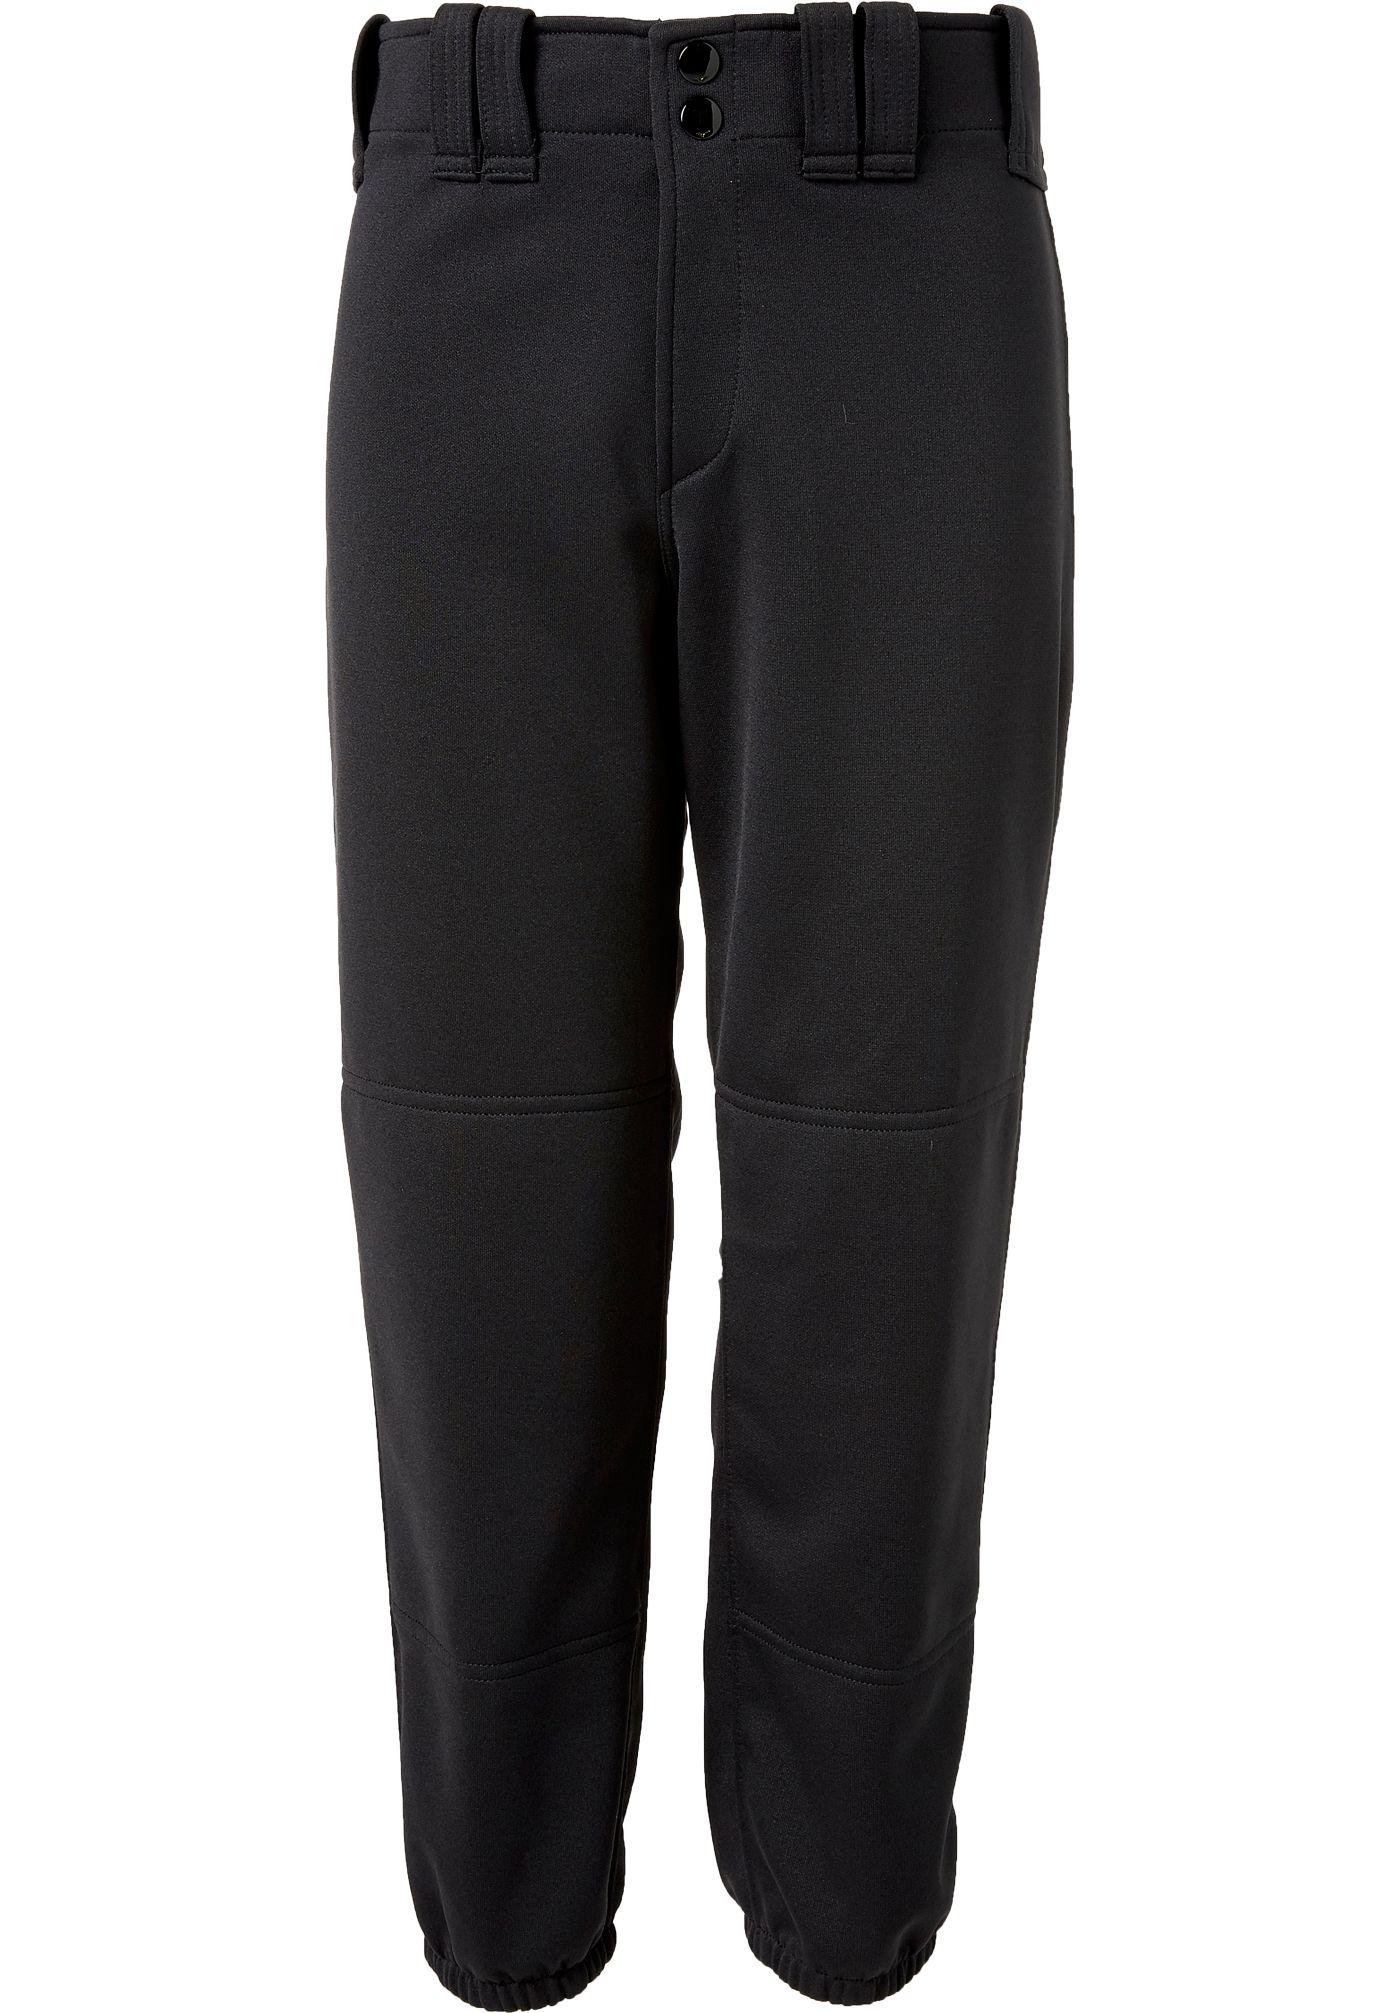 Mizuno Girls' Select Pro Softball Pants